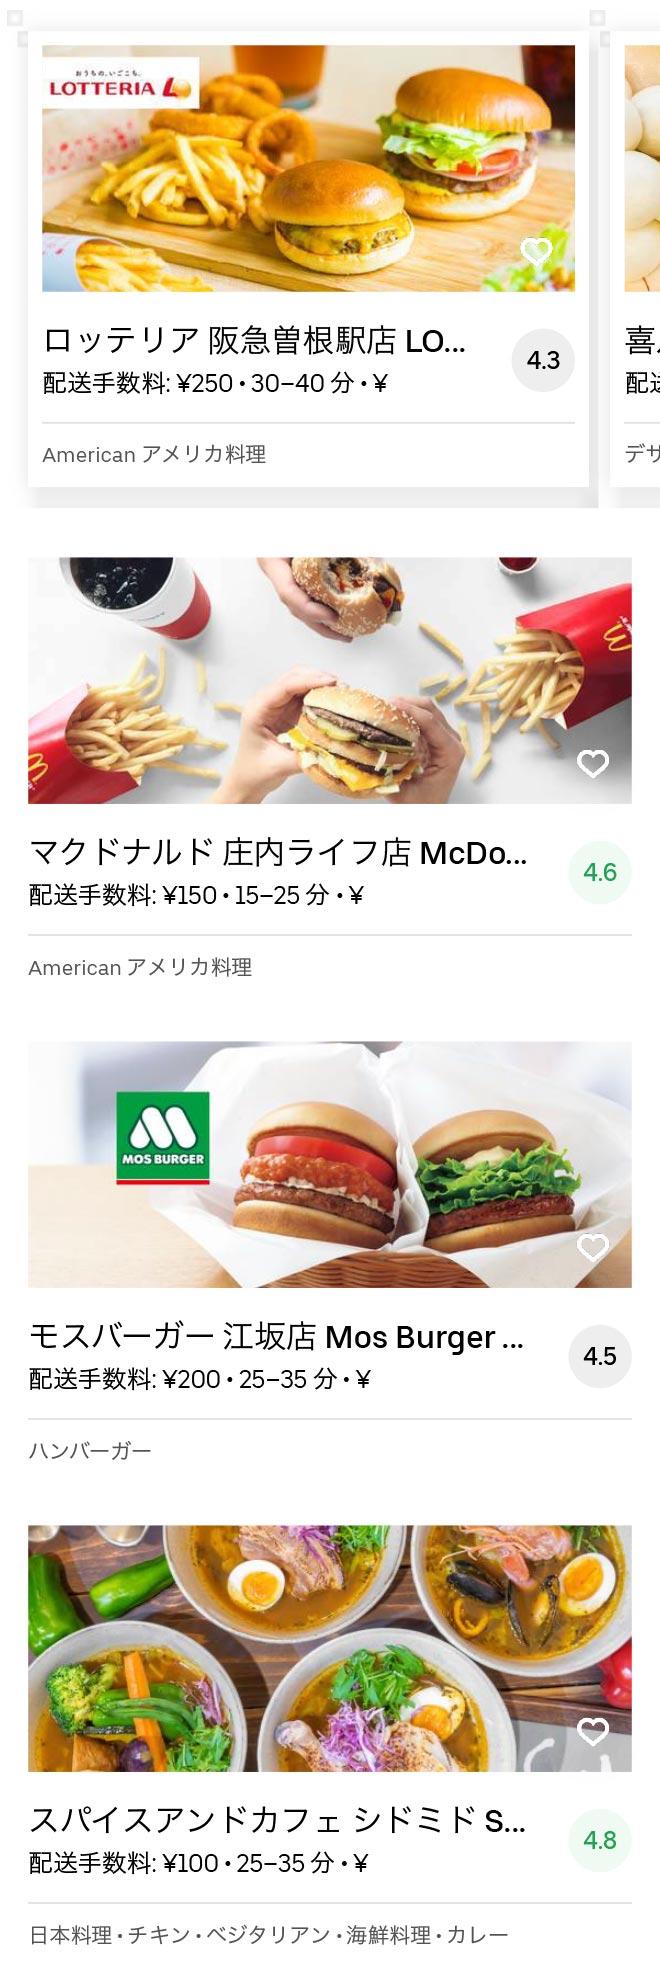 Toyonaka shounai menu 2005 02